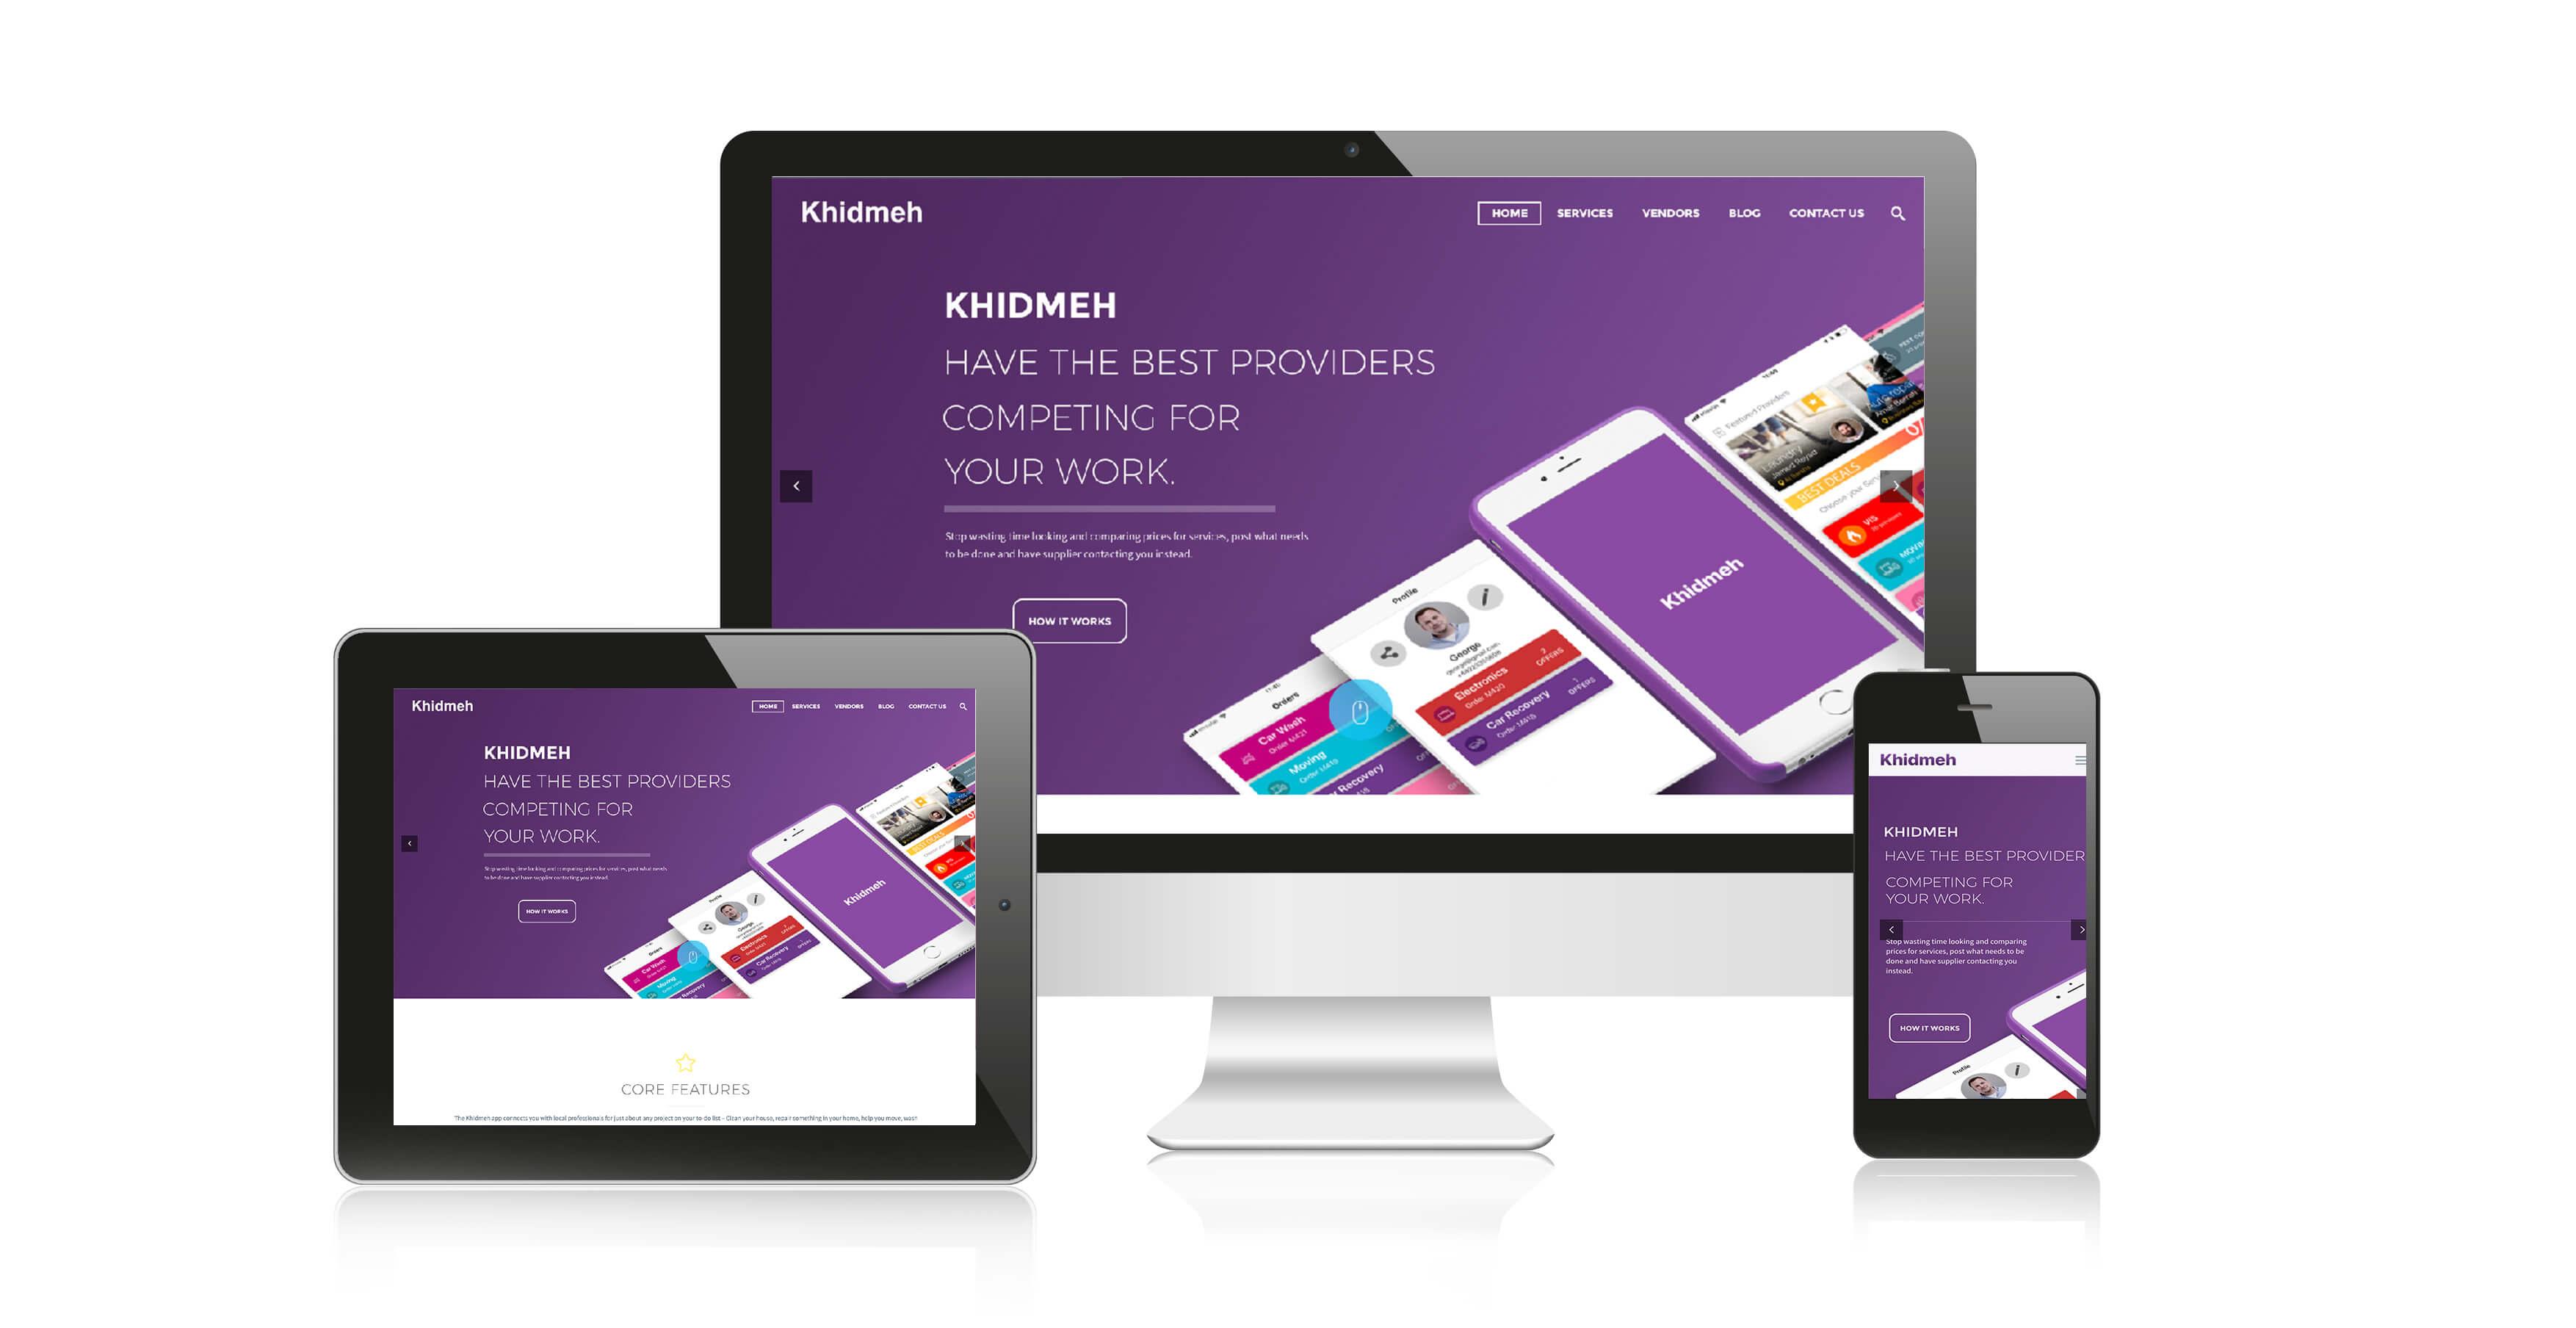 Khidmeh_website_mock_up